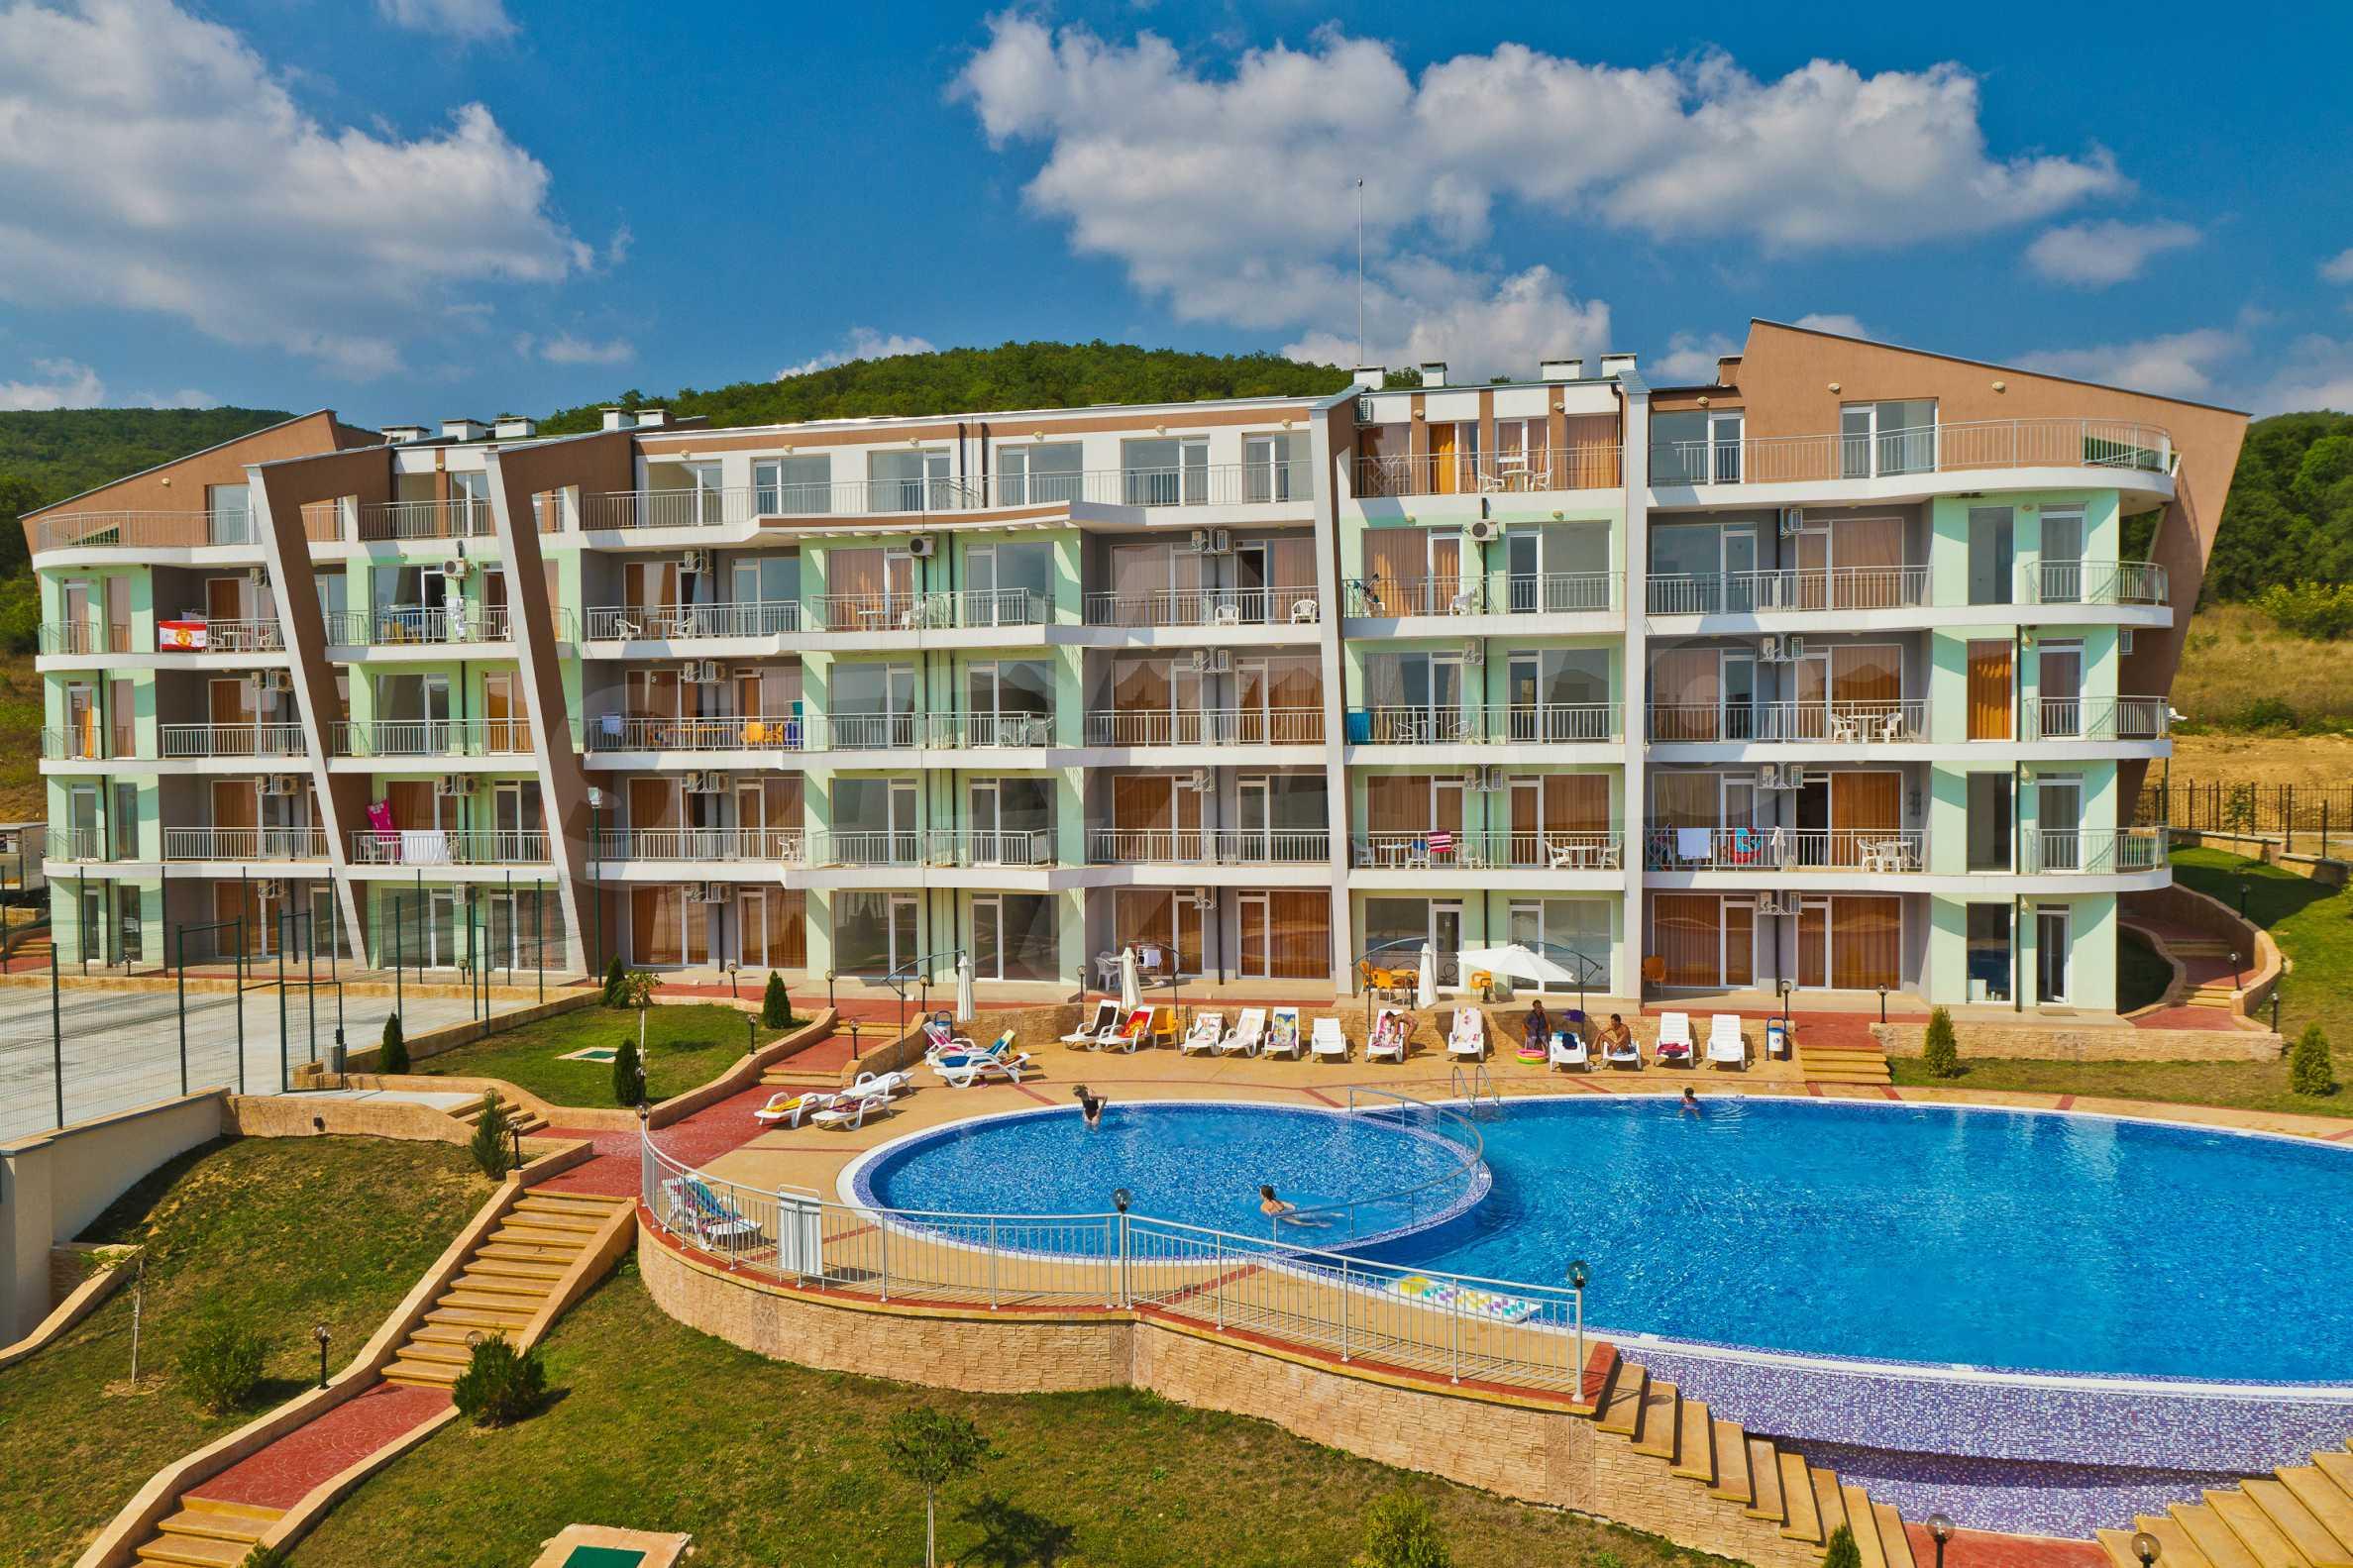 Sunset Kosharitsa - Apartments in einem attraktiven Berg- und Seekomplex, 5 Autominuten vom Sonnenstrand entfernt 3